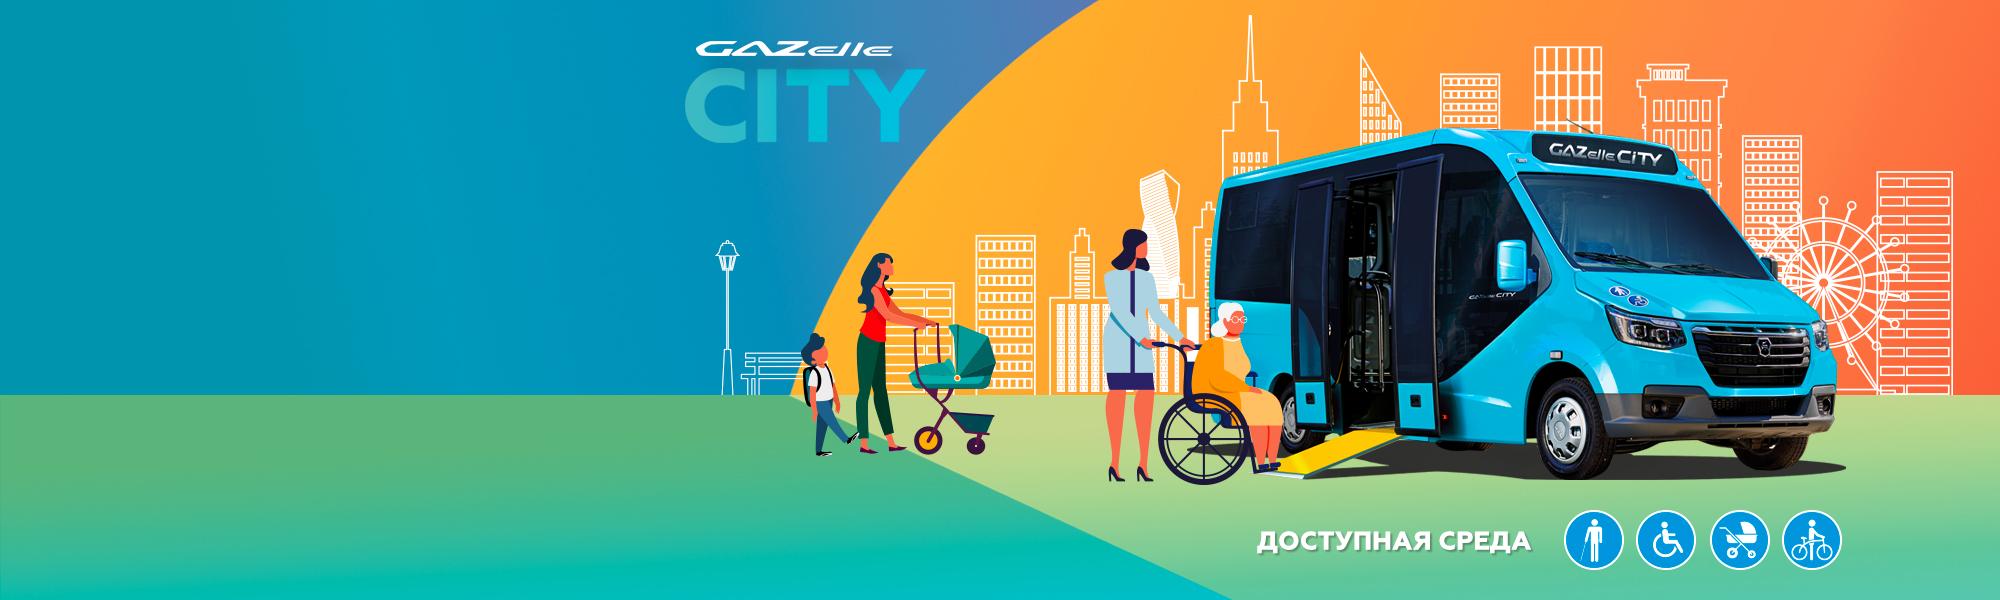 Спецпредложение при покупке ГАЗЕЛЬ CITY. Изображение для десктопа